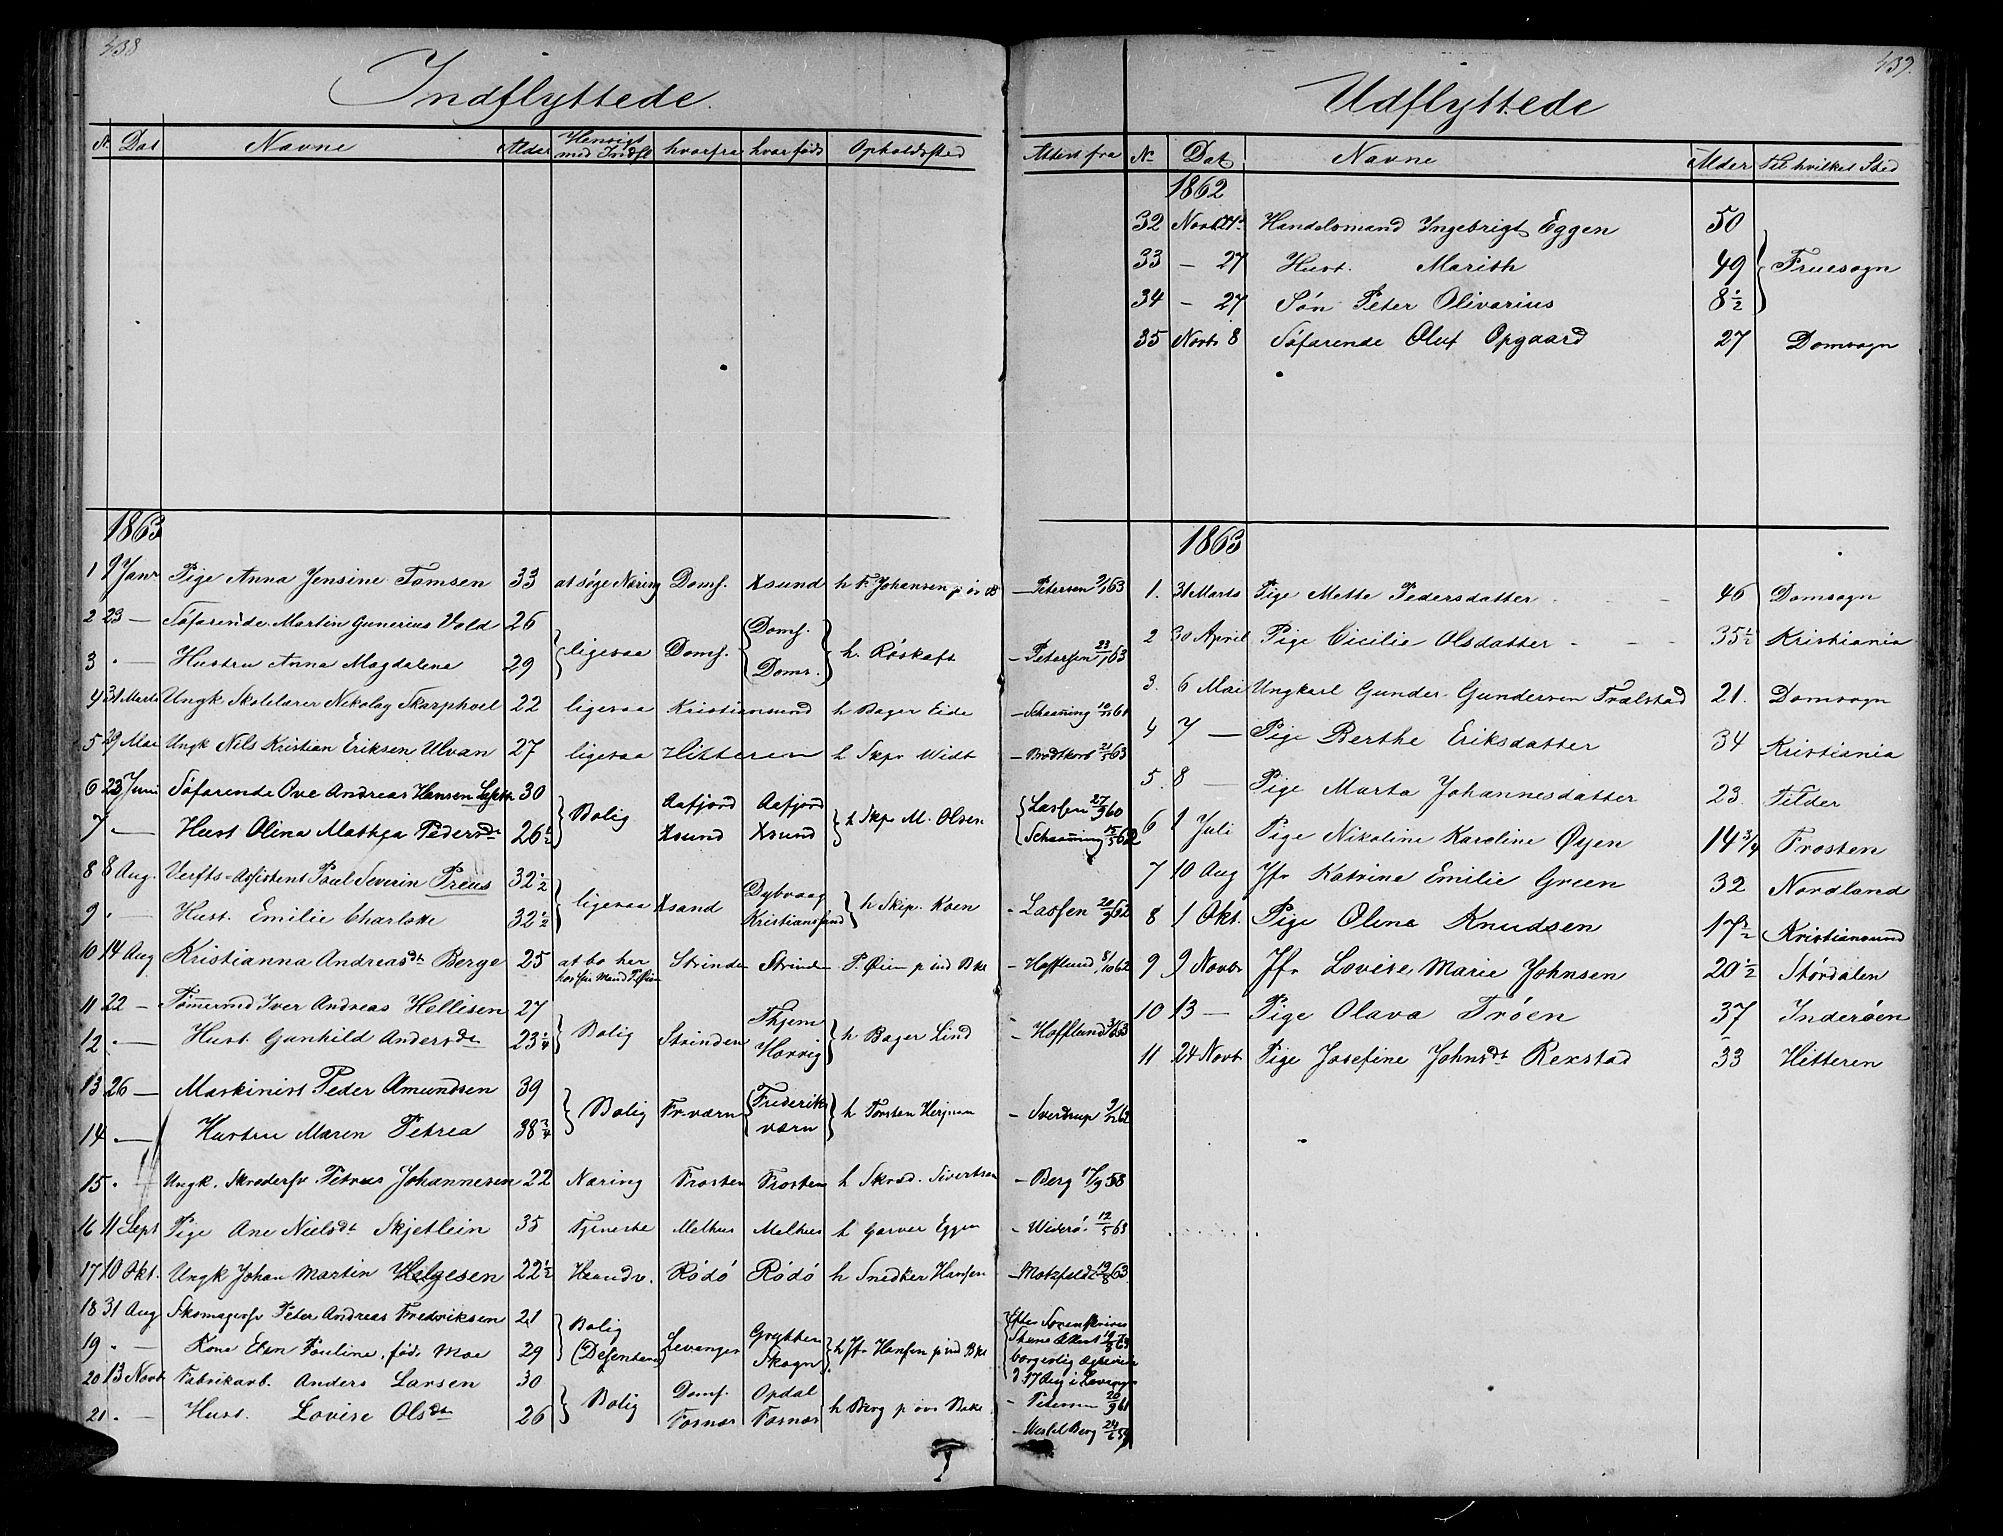 SAT, Ministerialprotokoller, klokkerbøker og fødselsregistre - Sør-Trøndelag, 604/L0219: Klokkerbok nr. 604C02, 1851-1869, s. 438-439